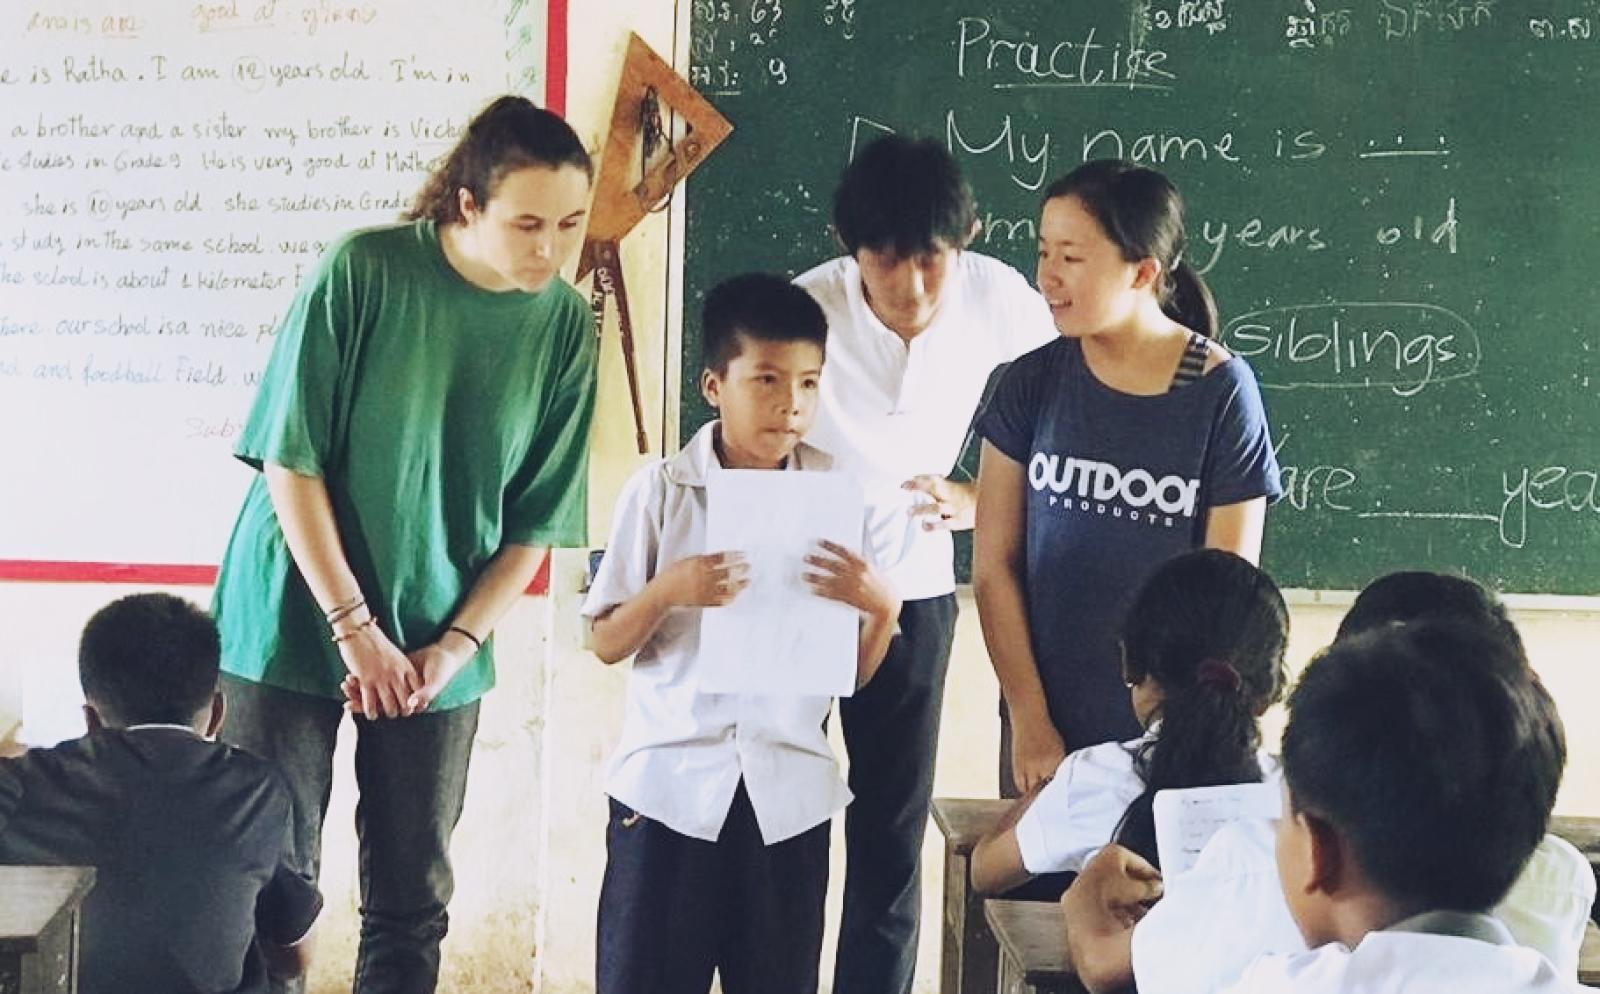 高校生ボランティア池谷麻菜さんがカンボジアの小学校で授業をサポート